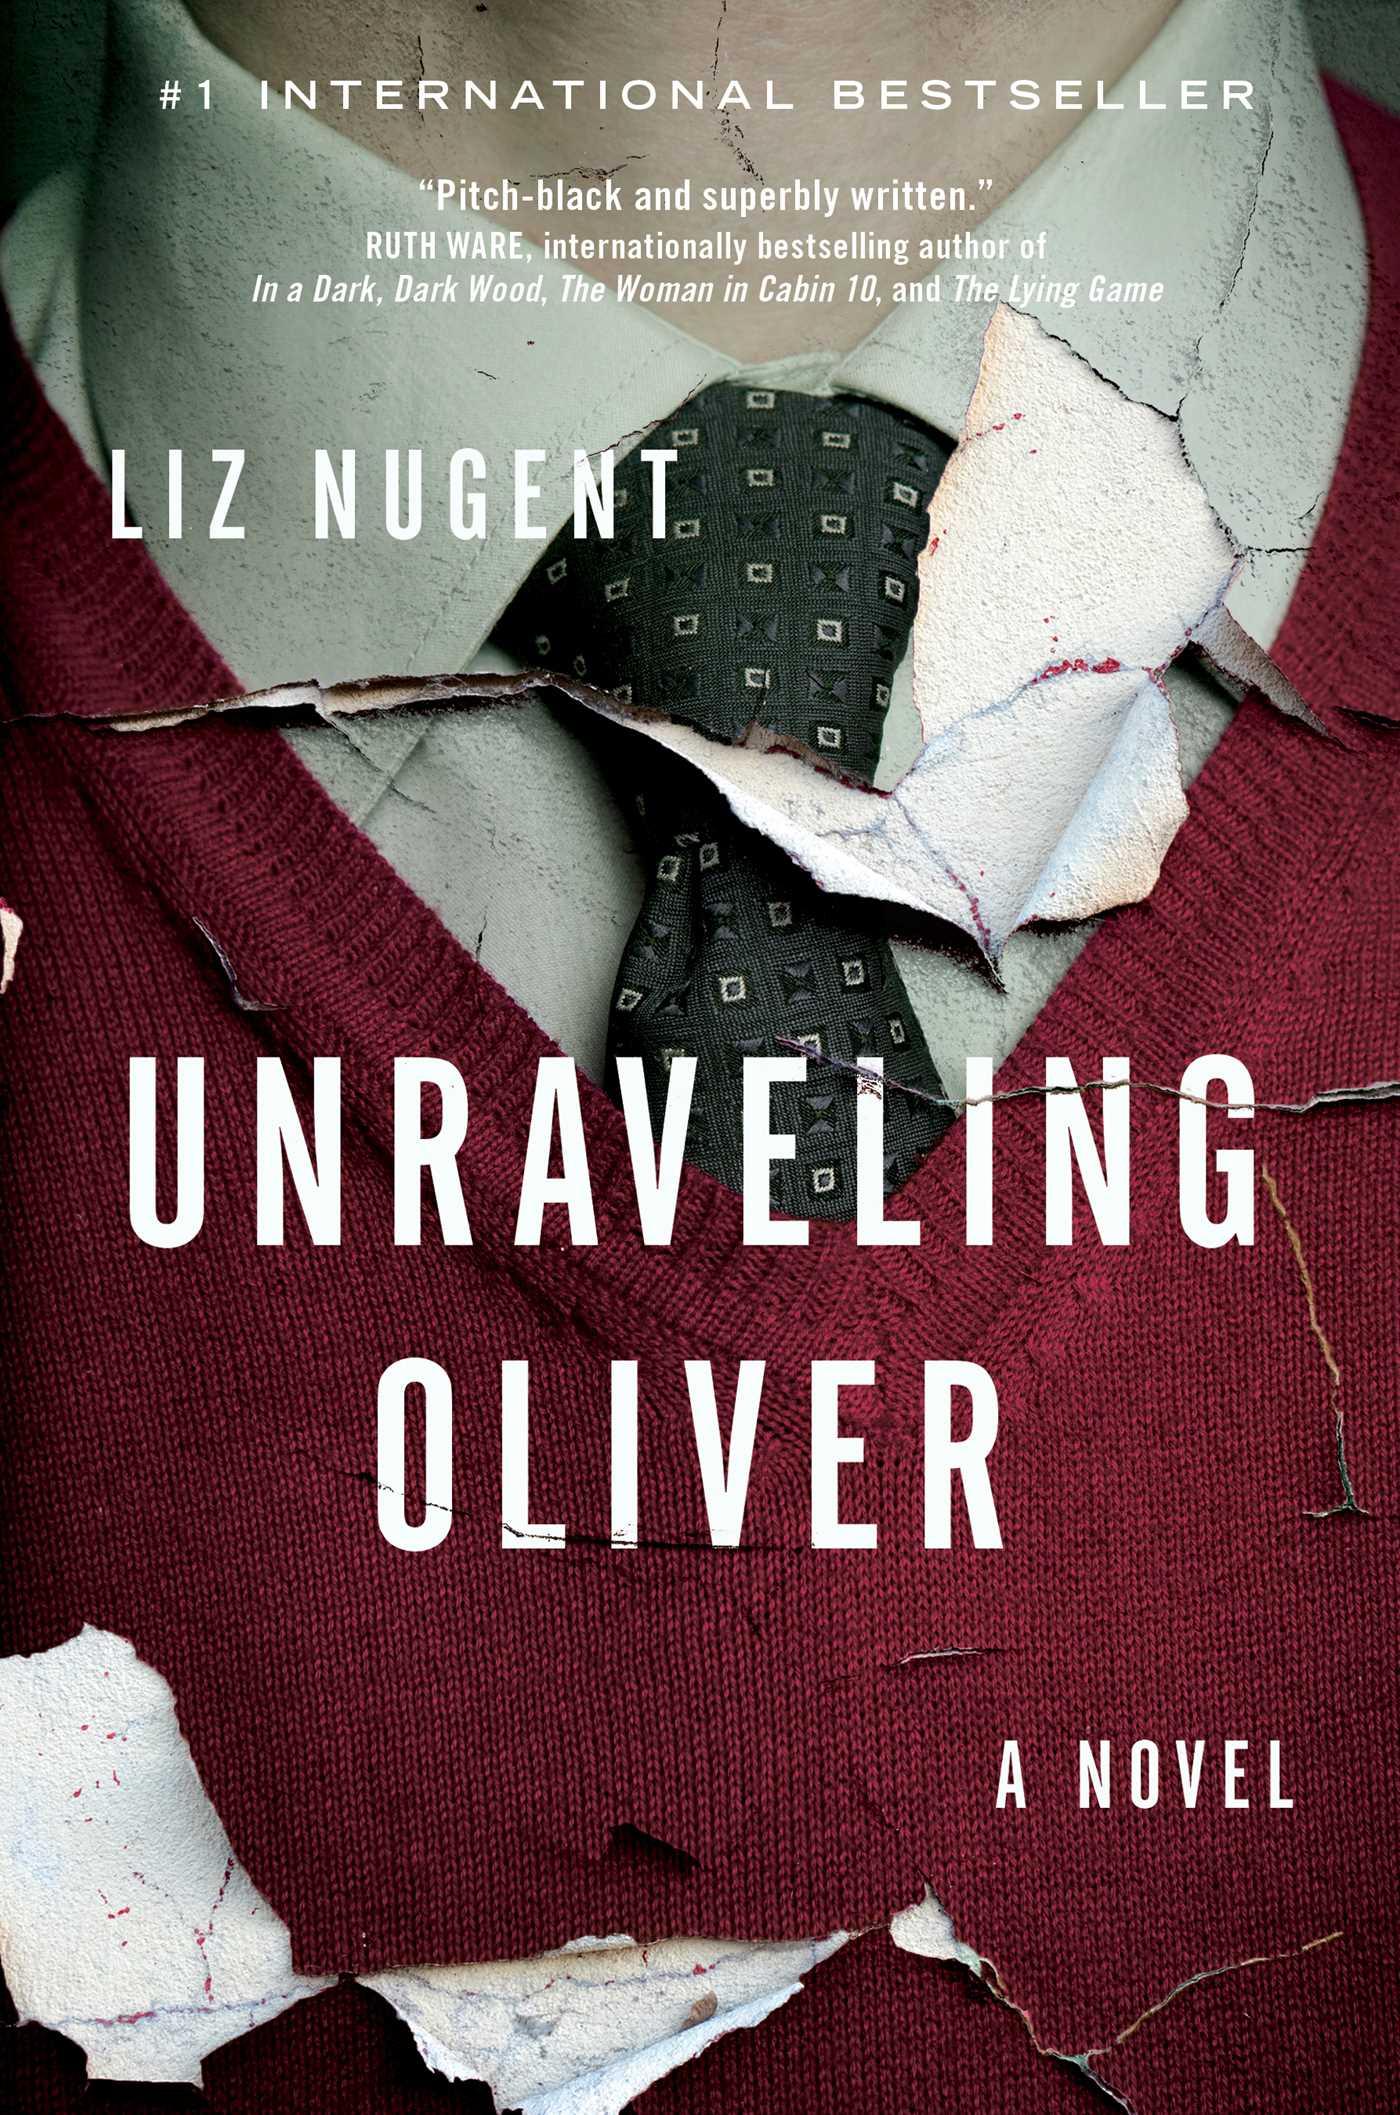 Unraveling oliver 9781501191275 hr